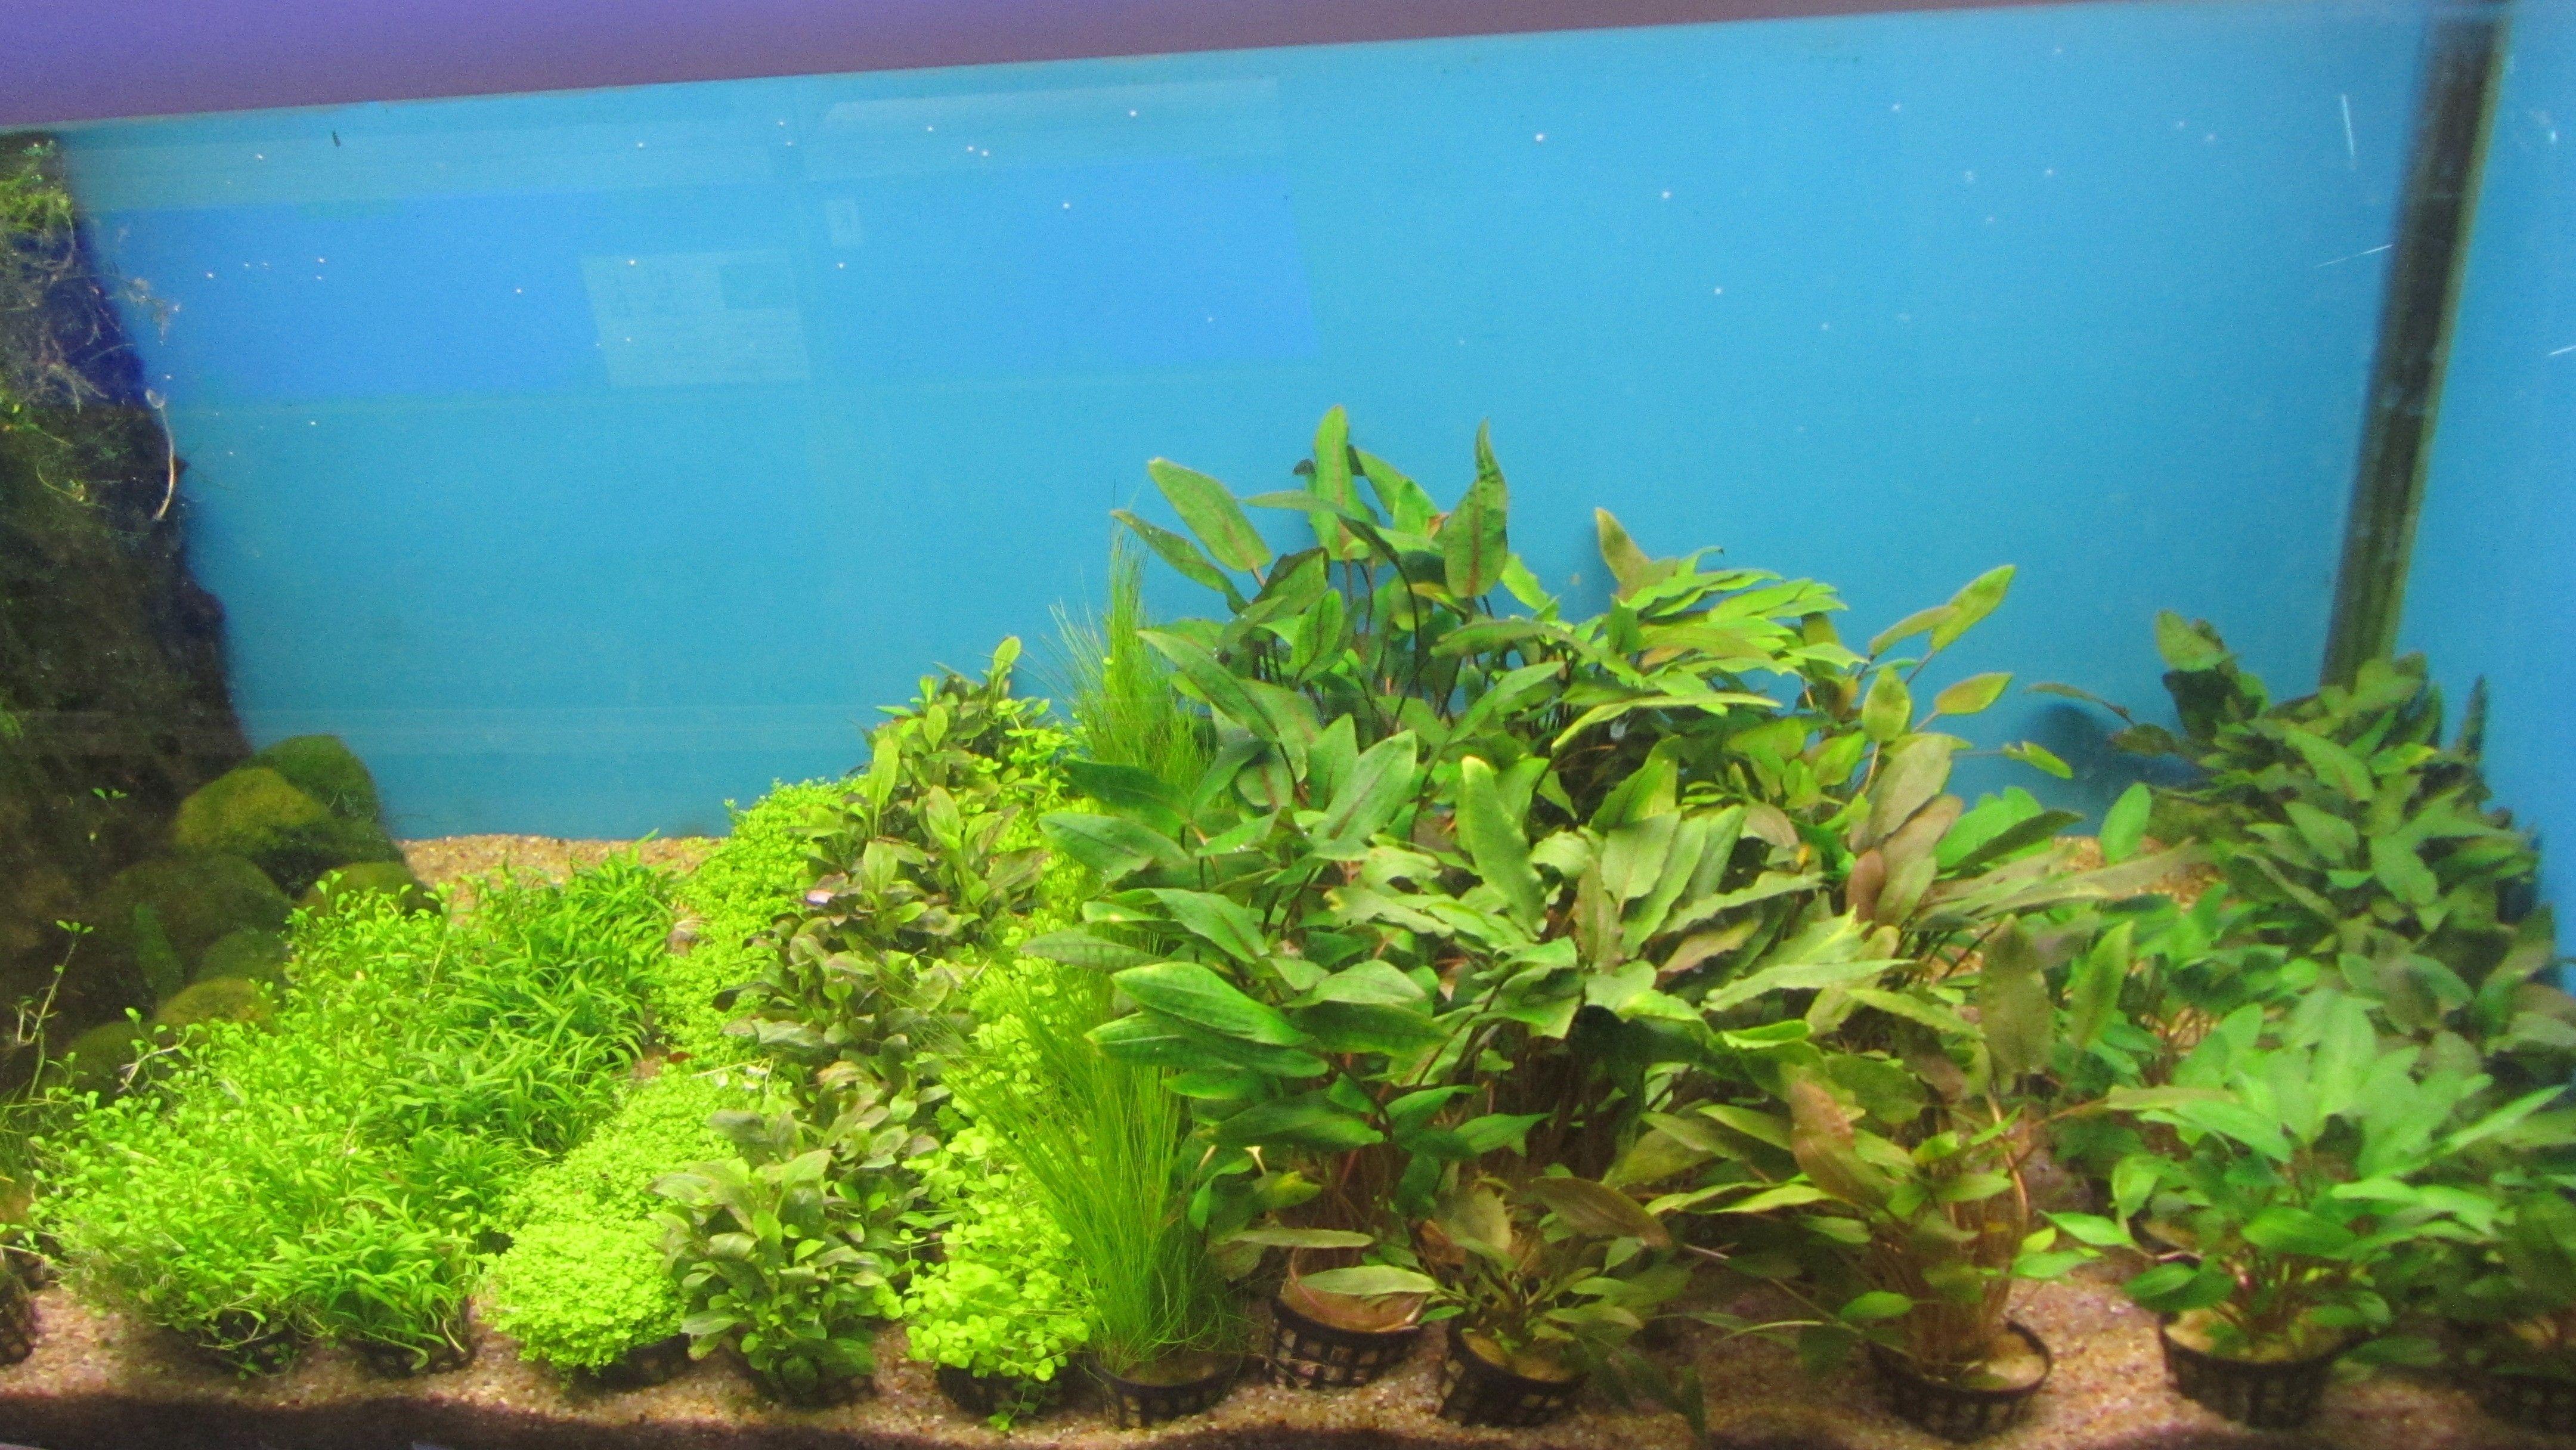 Plantepakke 1 består af 5 planter. høj, medium, lav